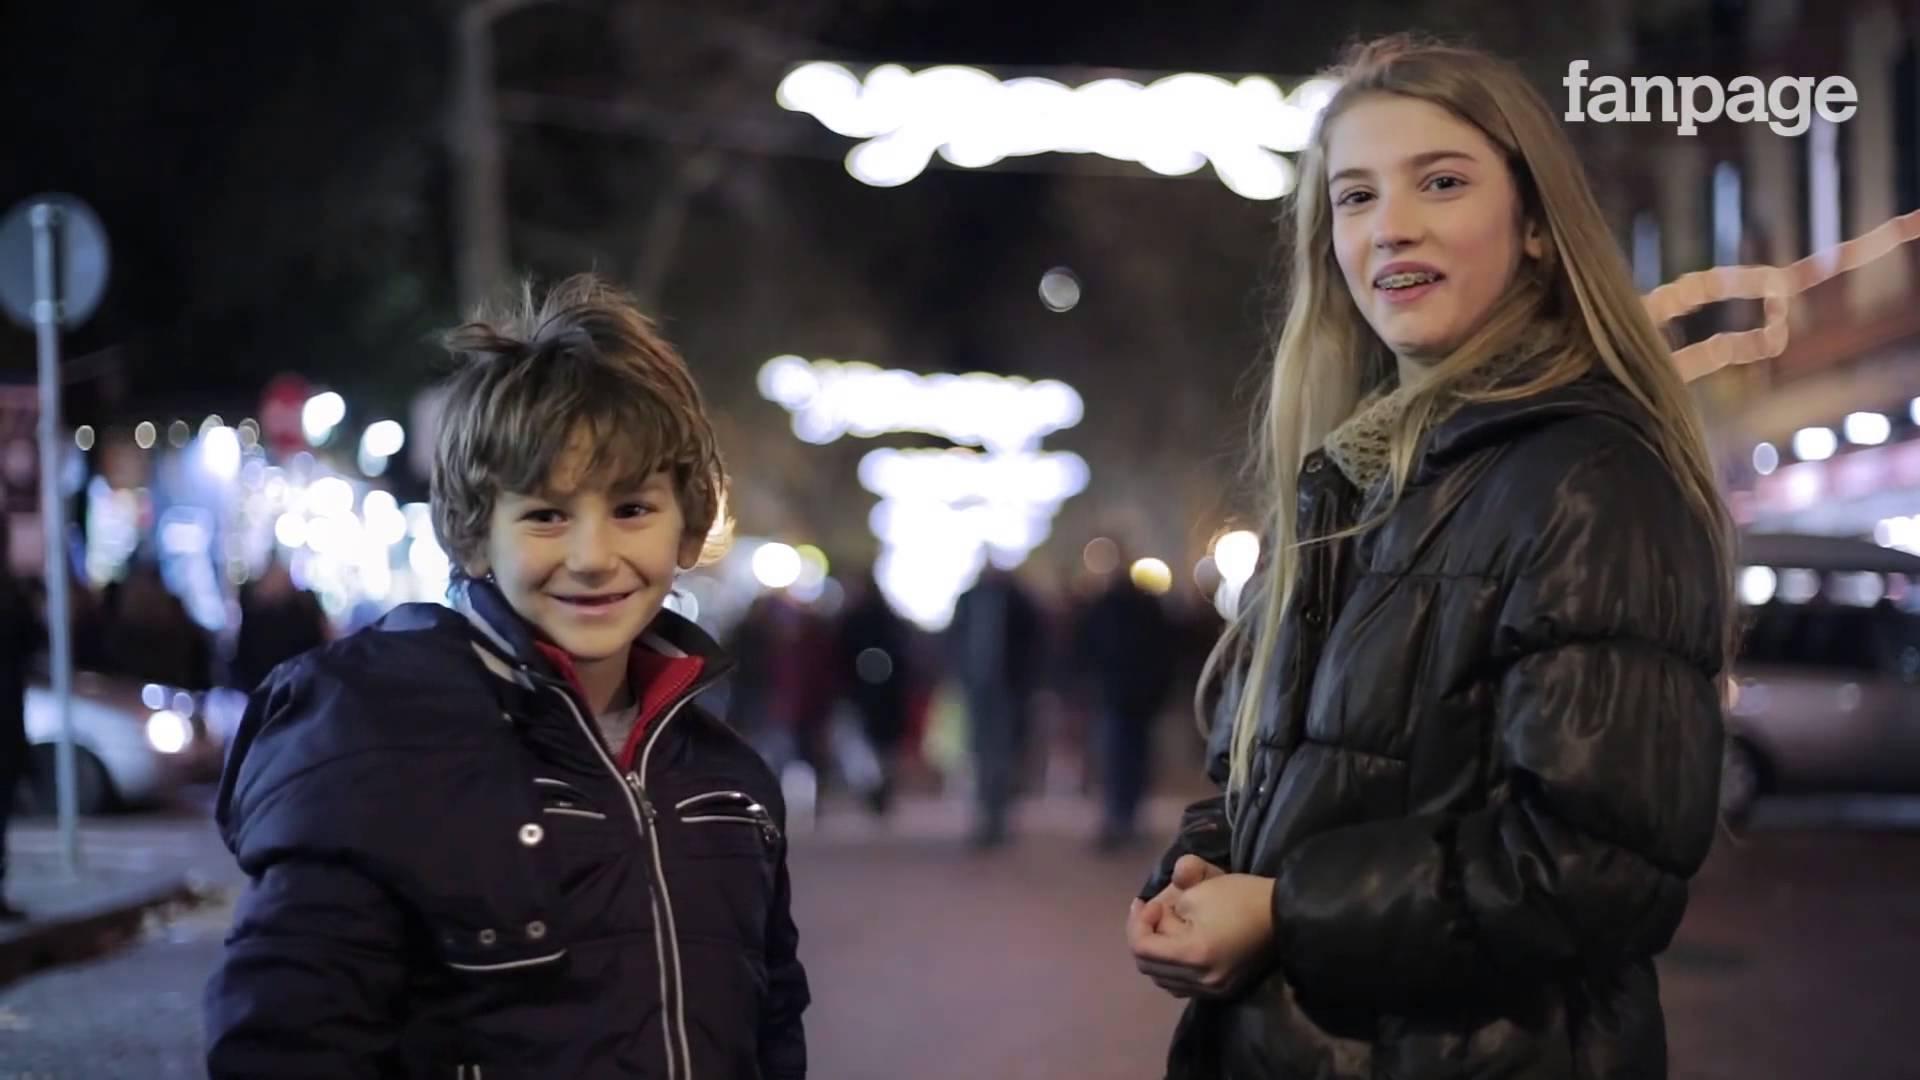 Chlapci ve věku 7-11 let byli požádání, aby uhodili krásnou dívku. Jaká byla jejich reakce?